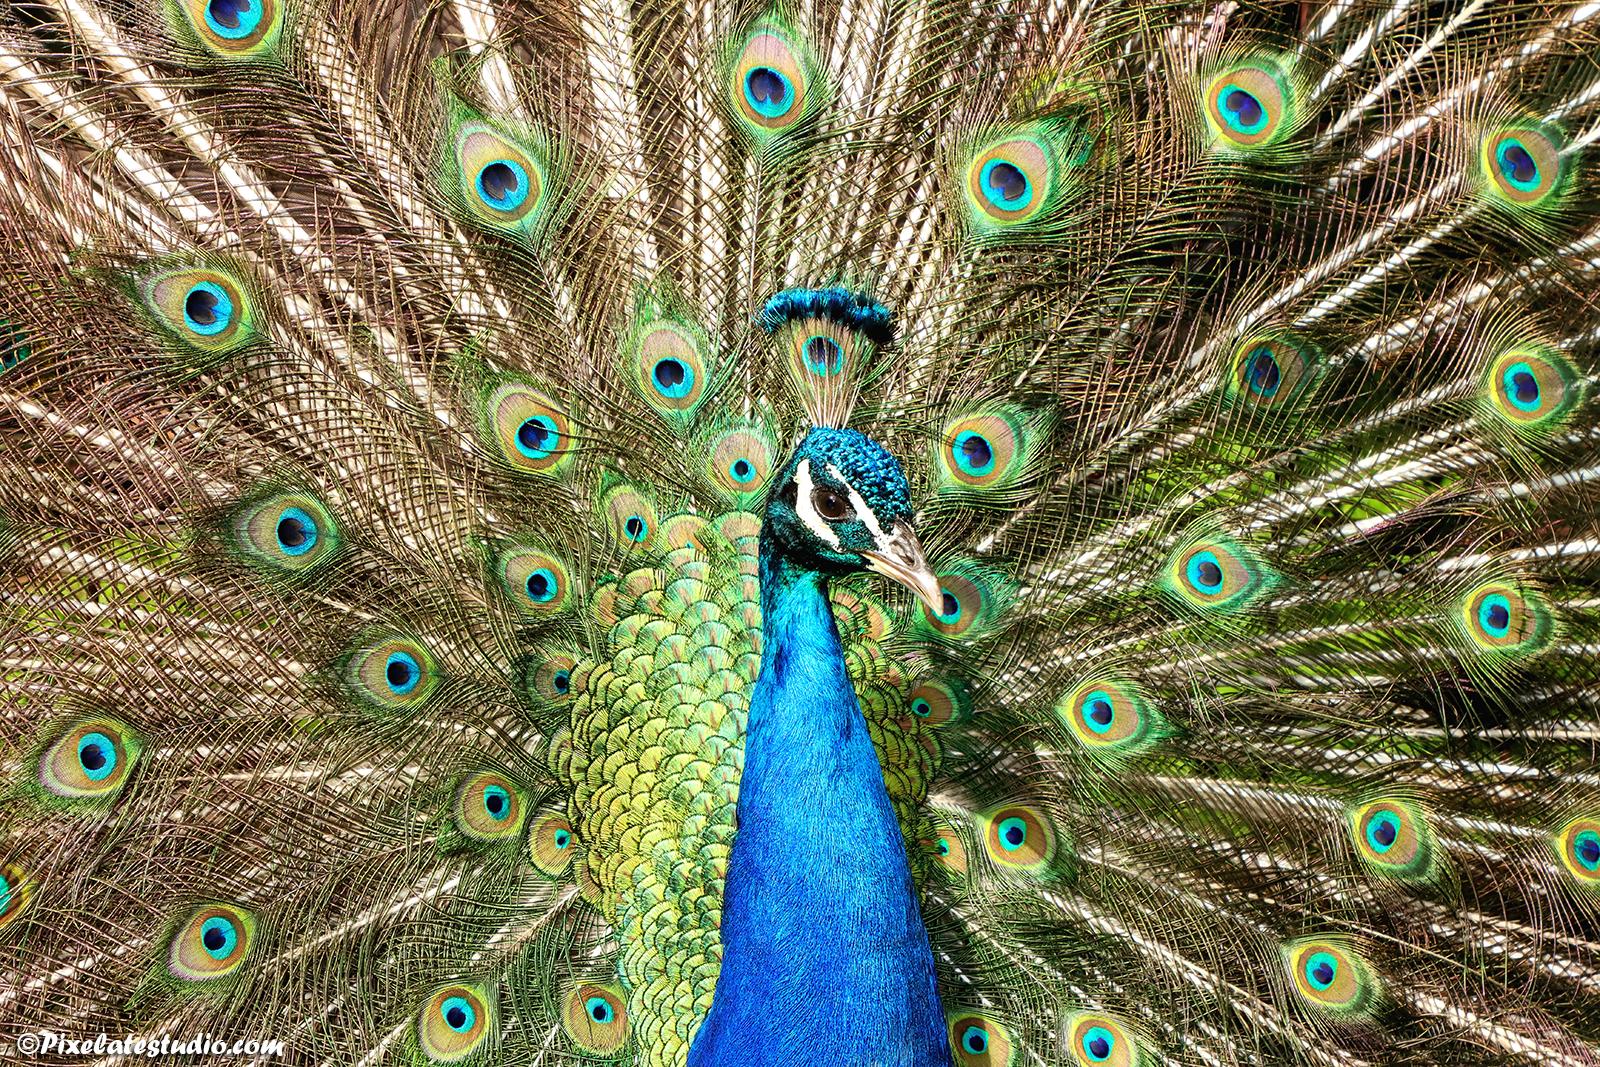 Mooie foto van een pauw die zijn veren uitzet